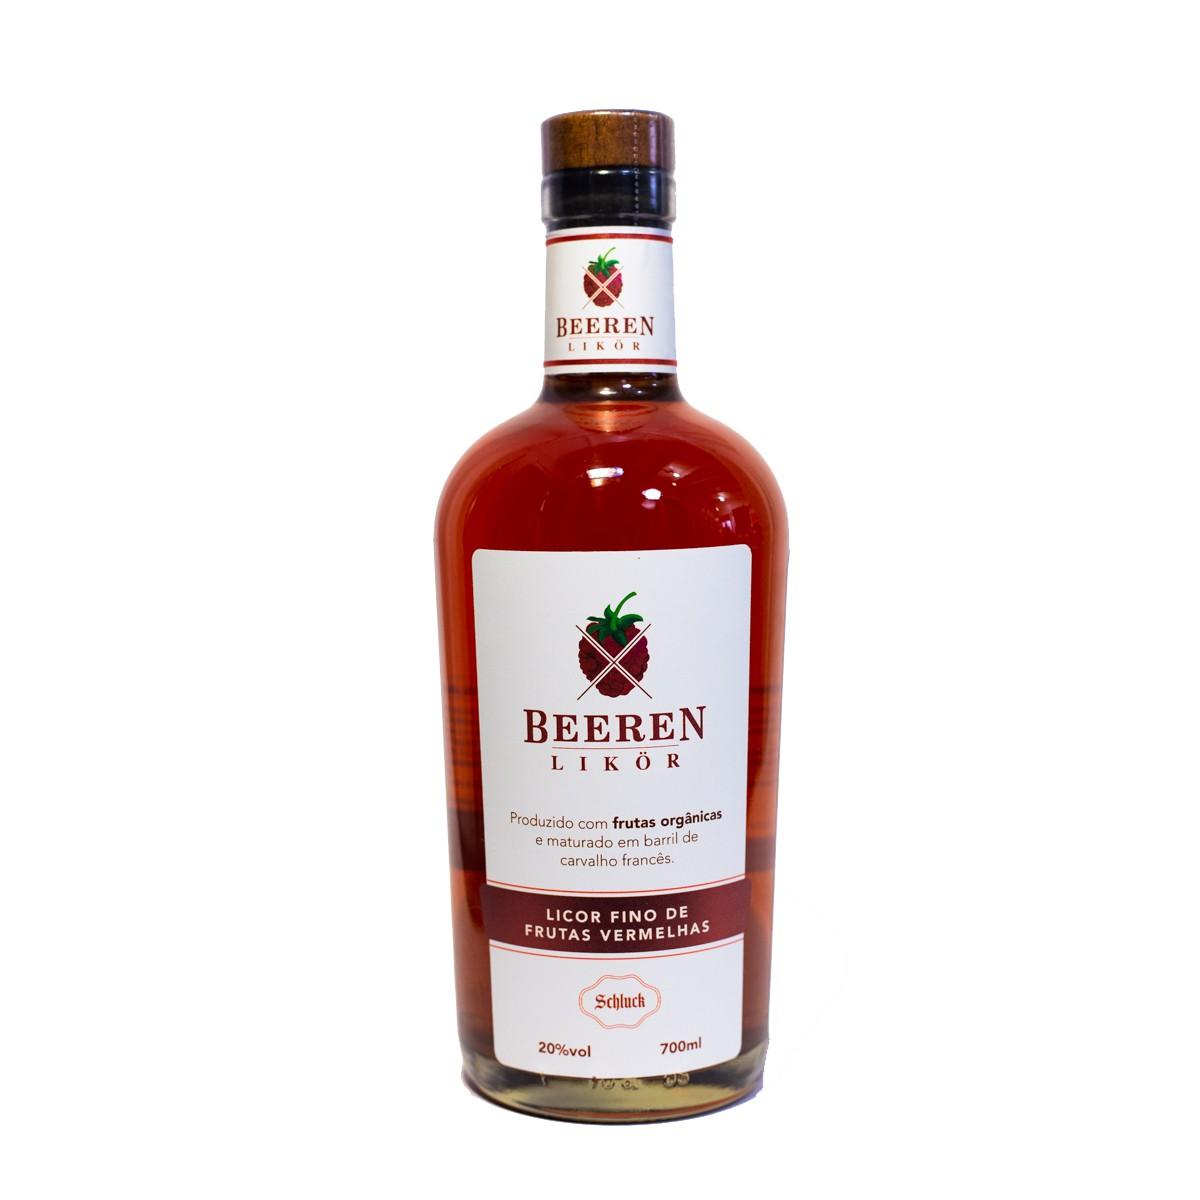 Licor Fino de Frutas Vermelhas - Beeren Likor - Schluck - 700 ml